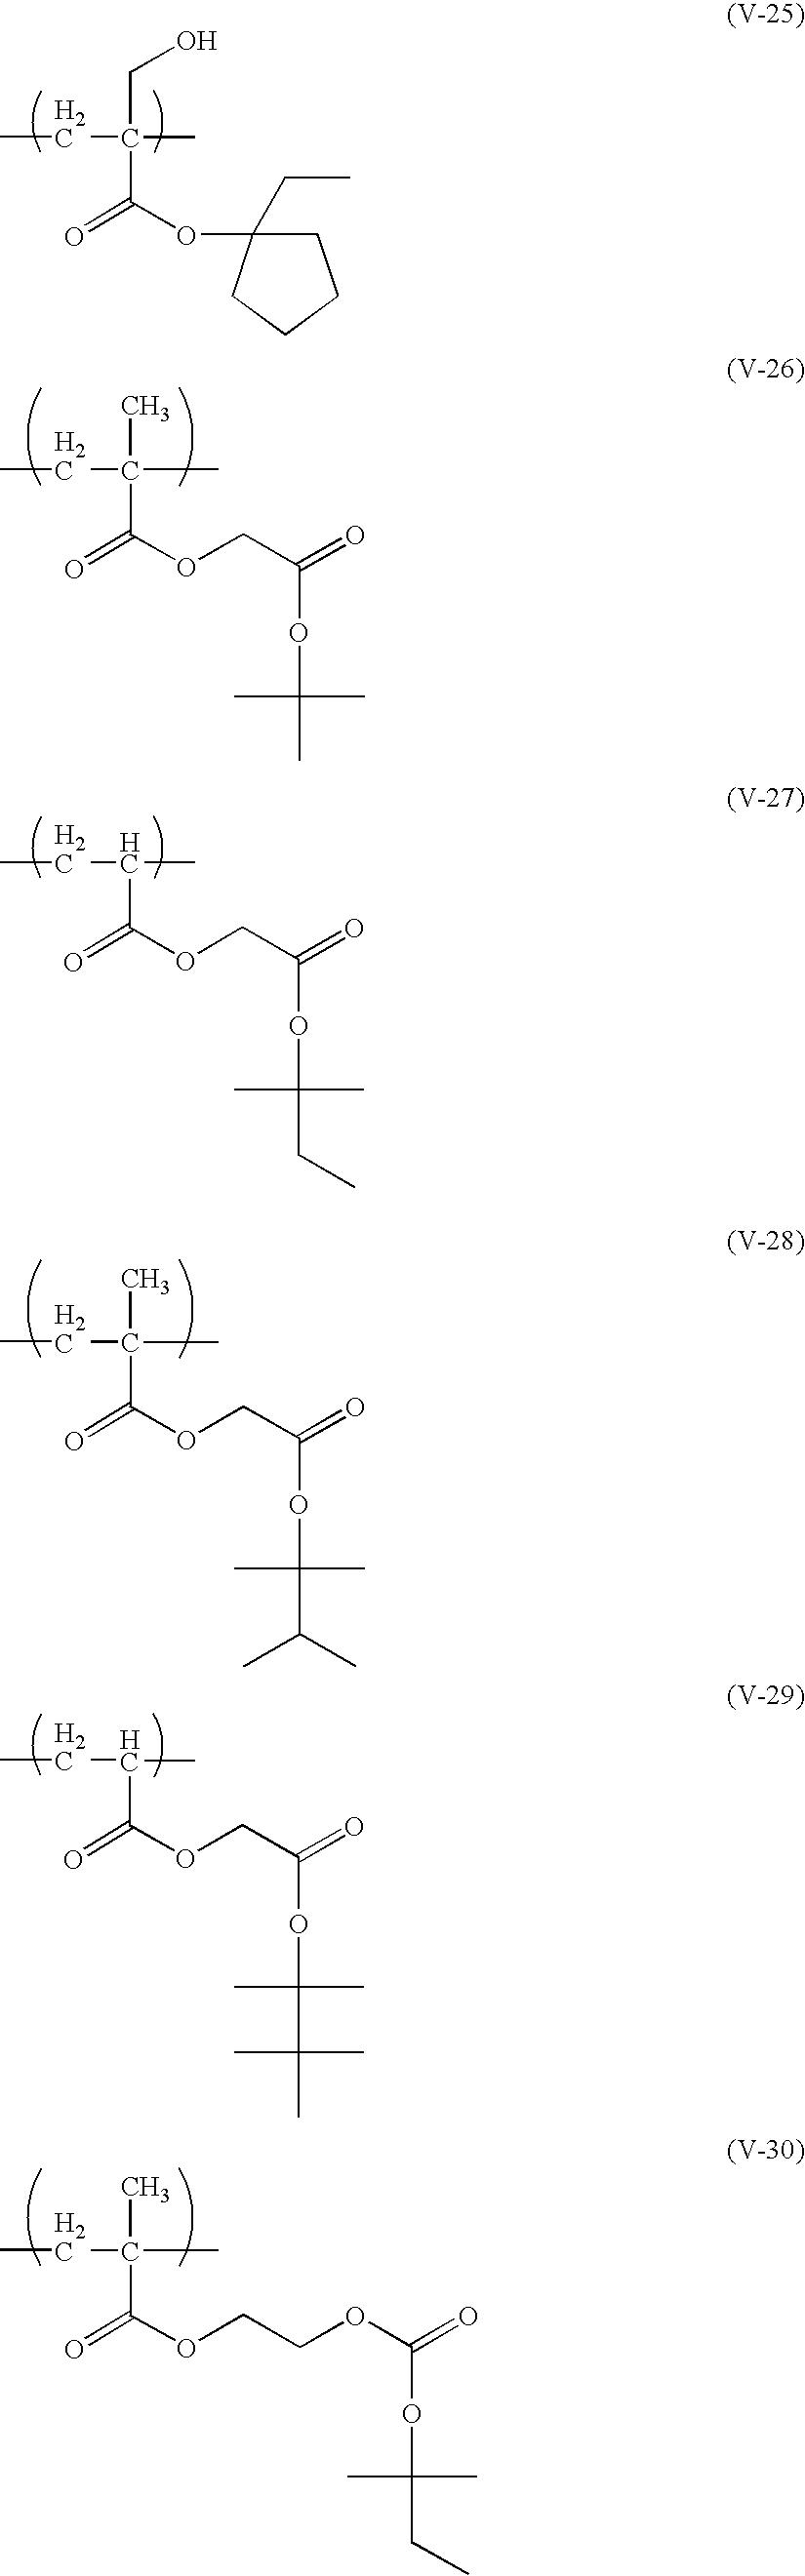 Figure US20100183975A1-20100722-C00112